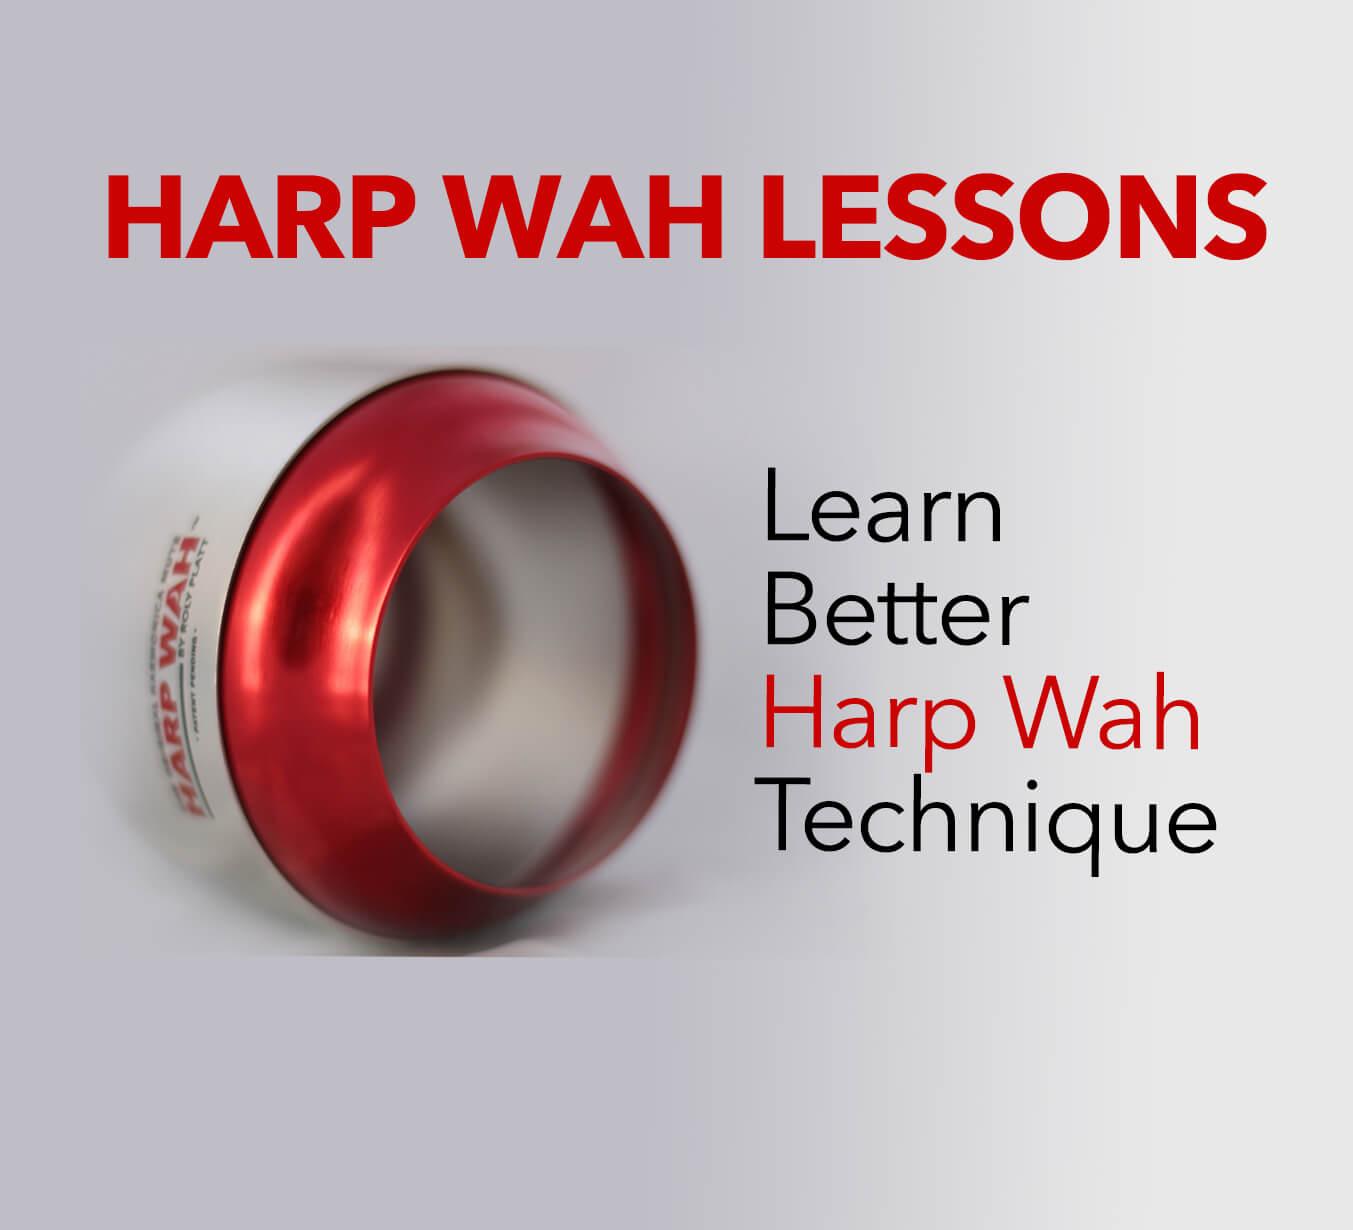 Harp Wah lessons